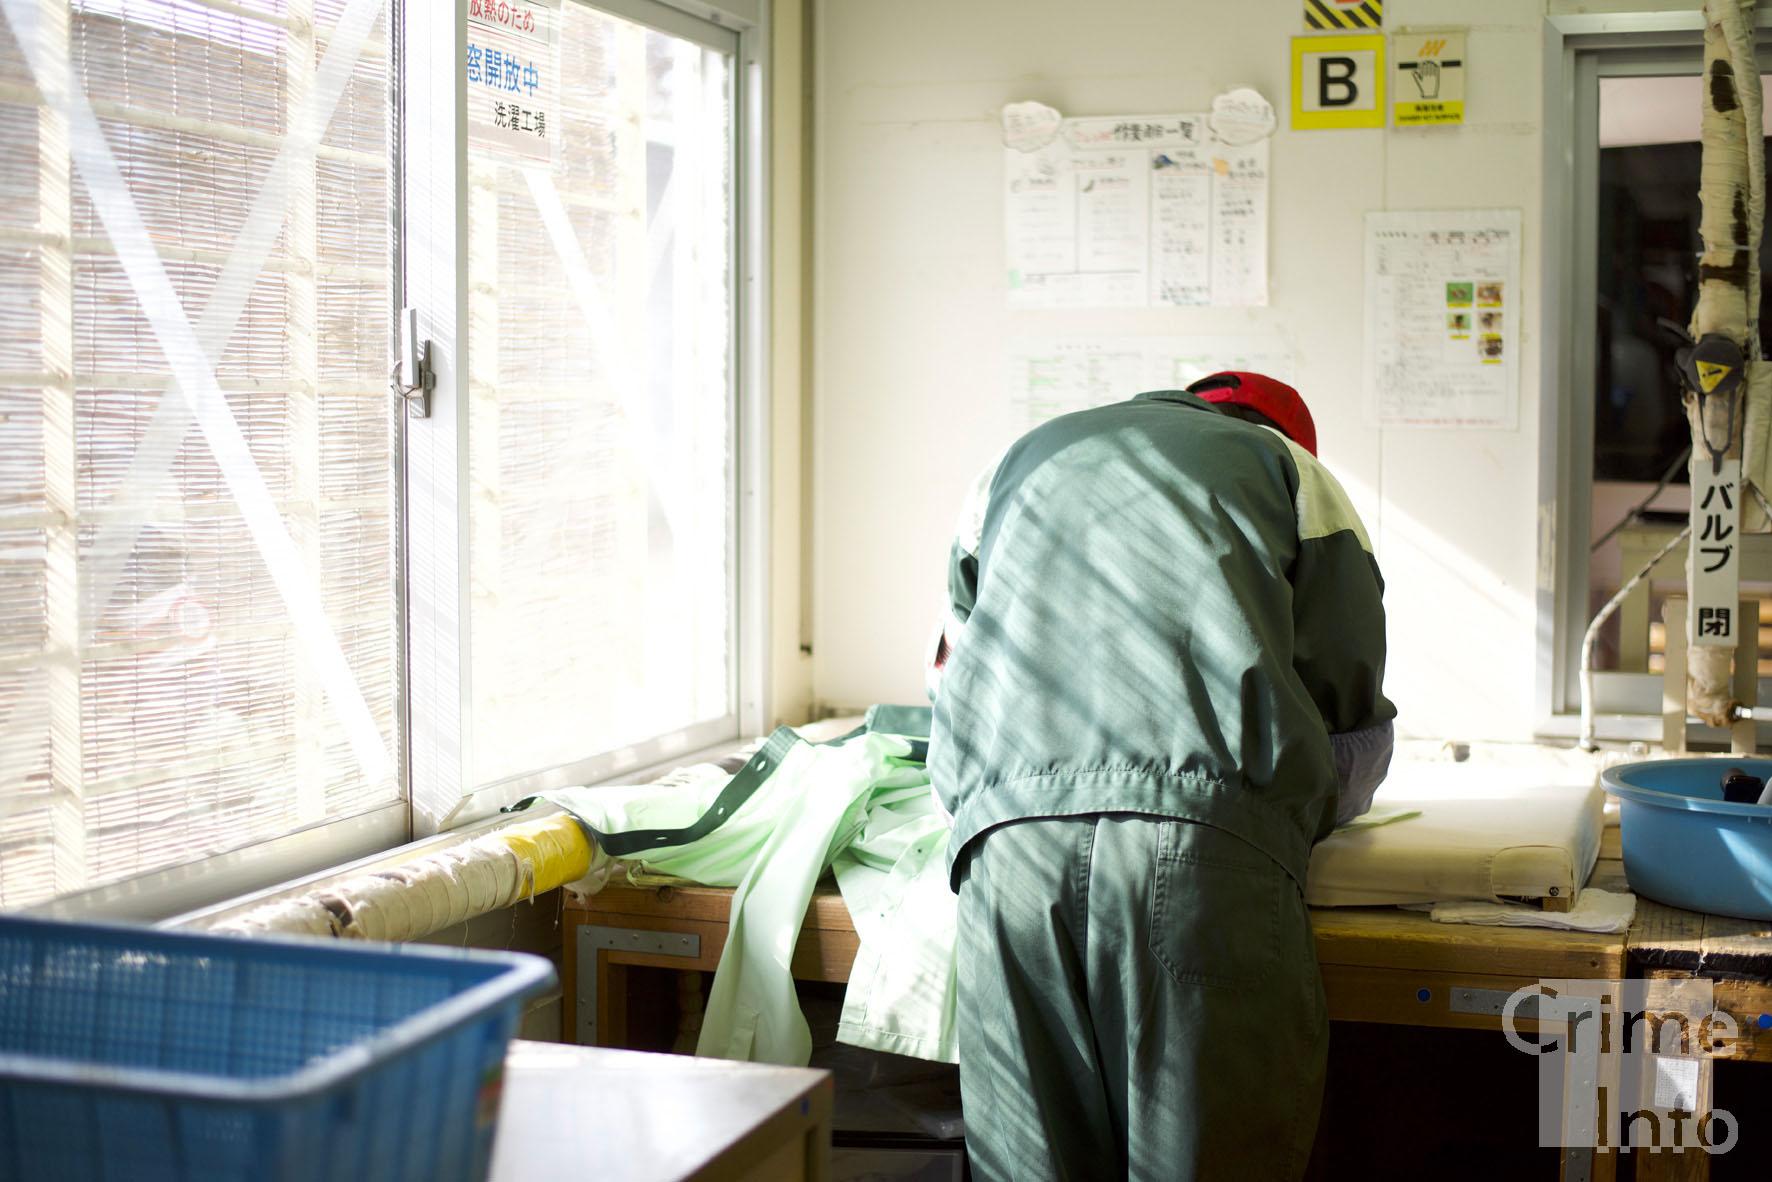 刑事施設の写真 | フォトギャラリー | CrimeInfo